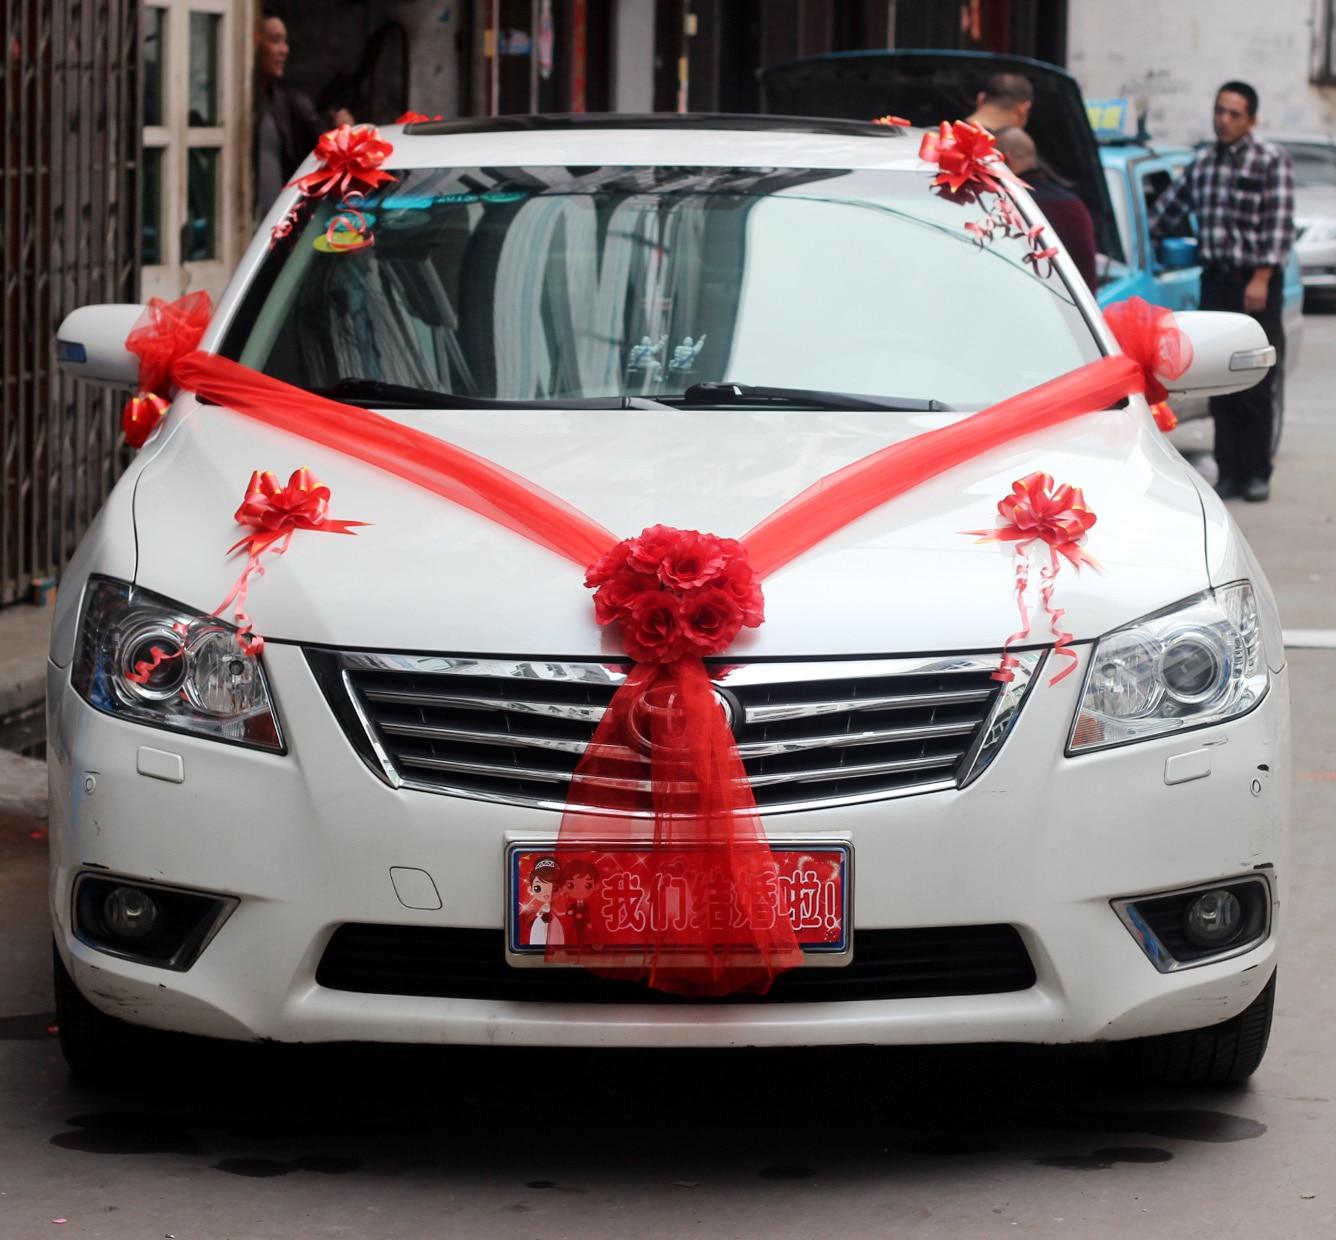 Altar Wedding Cars Timperley: Popular Wedding Car Decoration Supplies-Buy Cheap Wedding